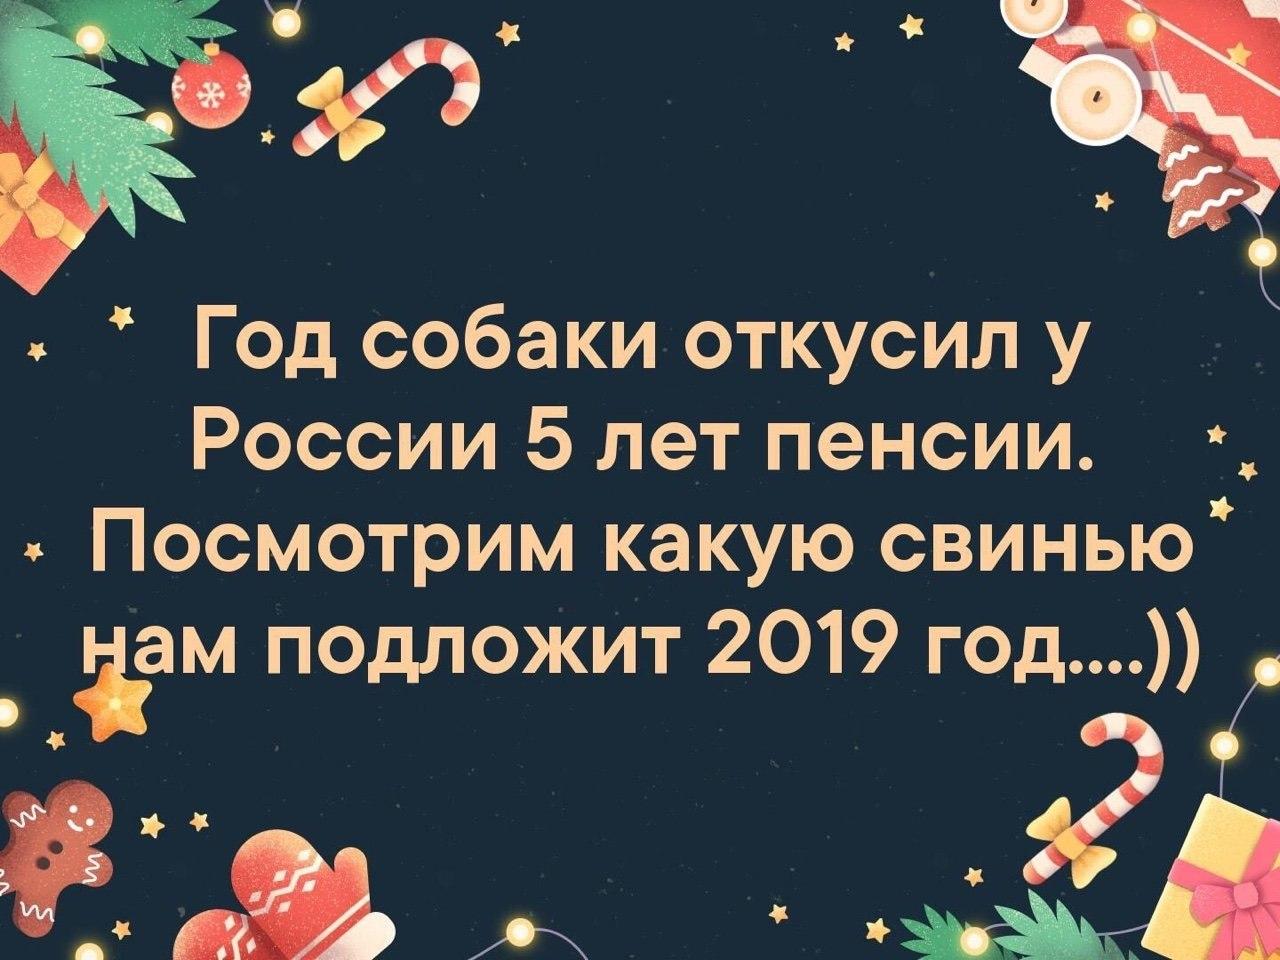 Слишком сильная, чтобы плакать.© - 3 января 2019 в 17:09